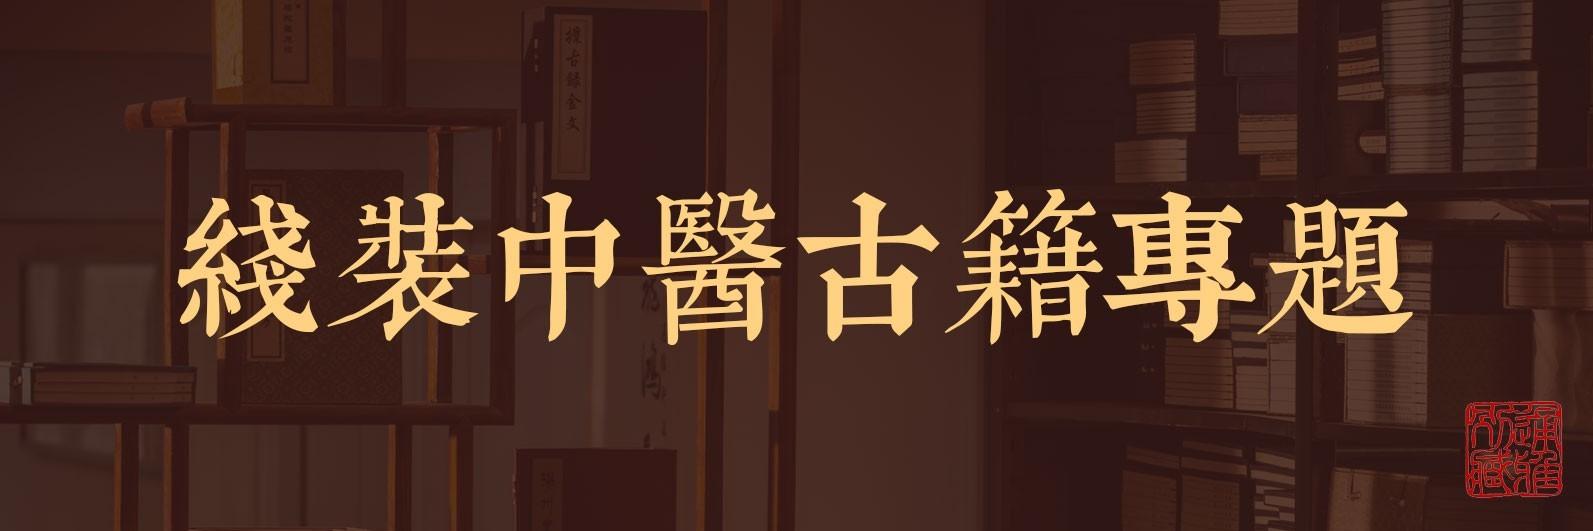 http://shop.kongfz.com/3669/special/73460/